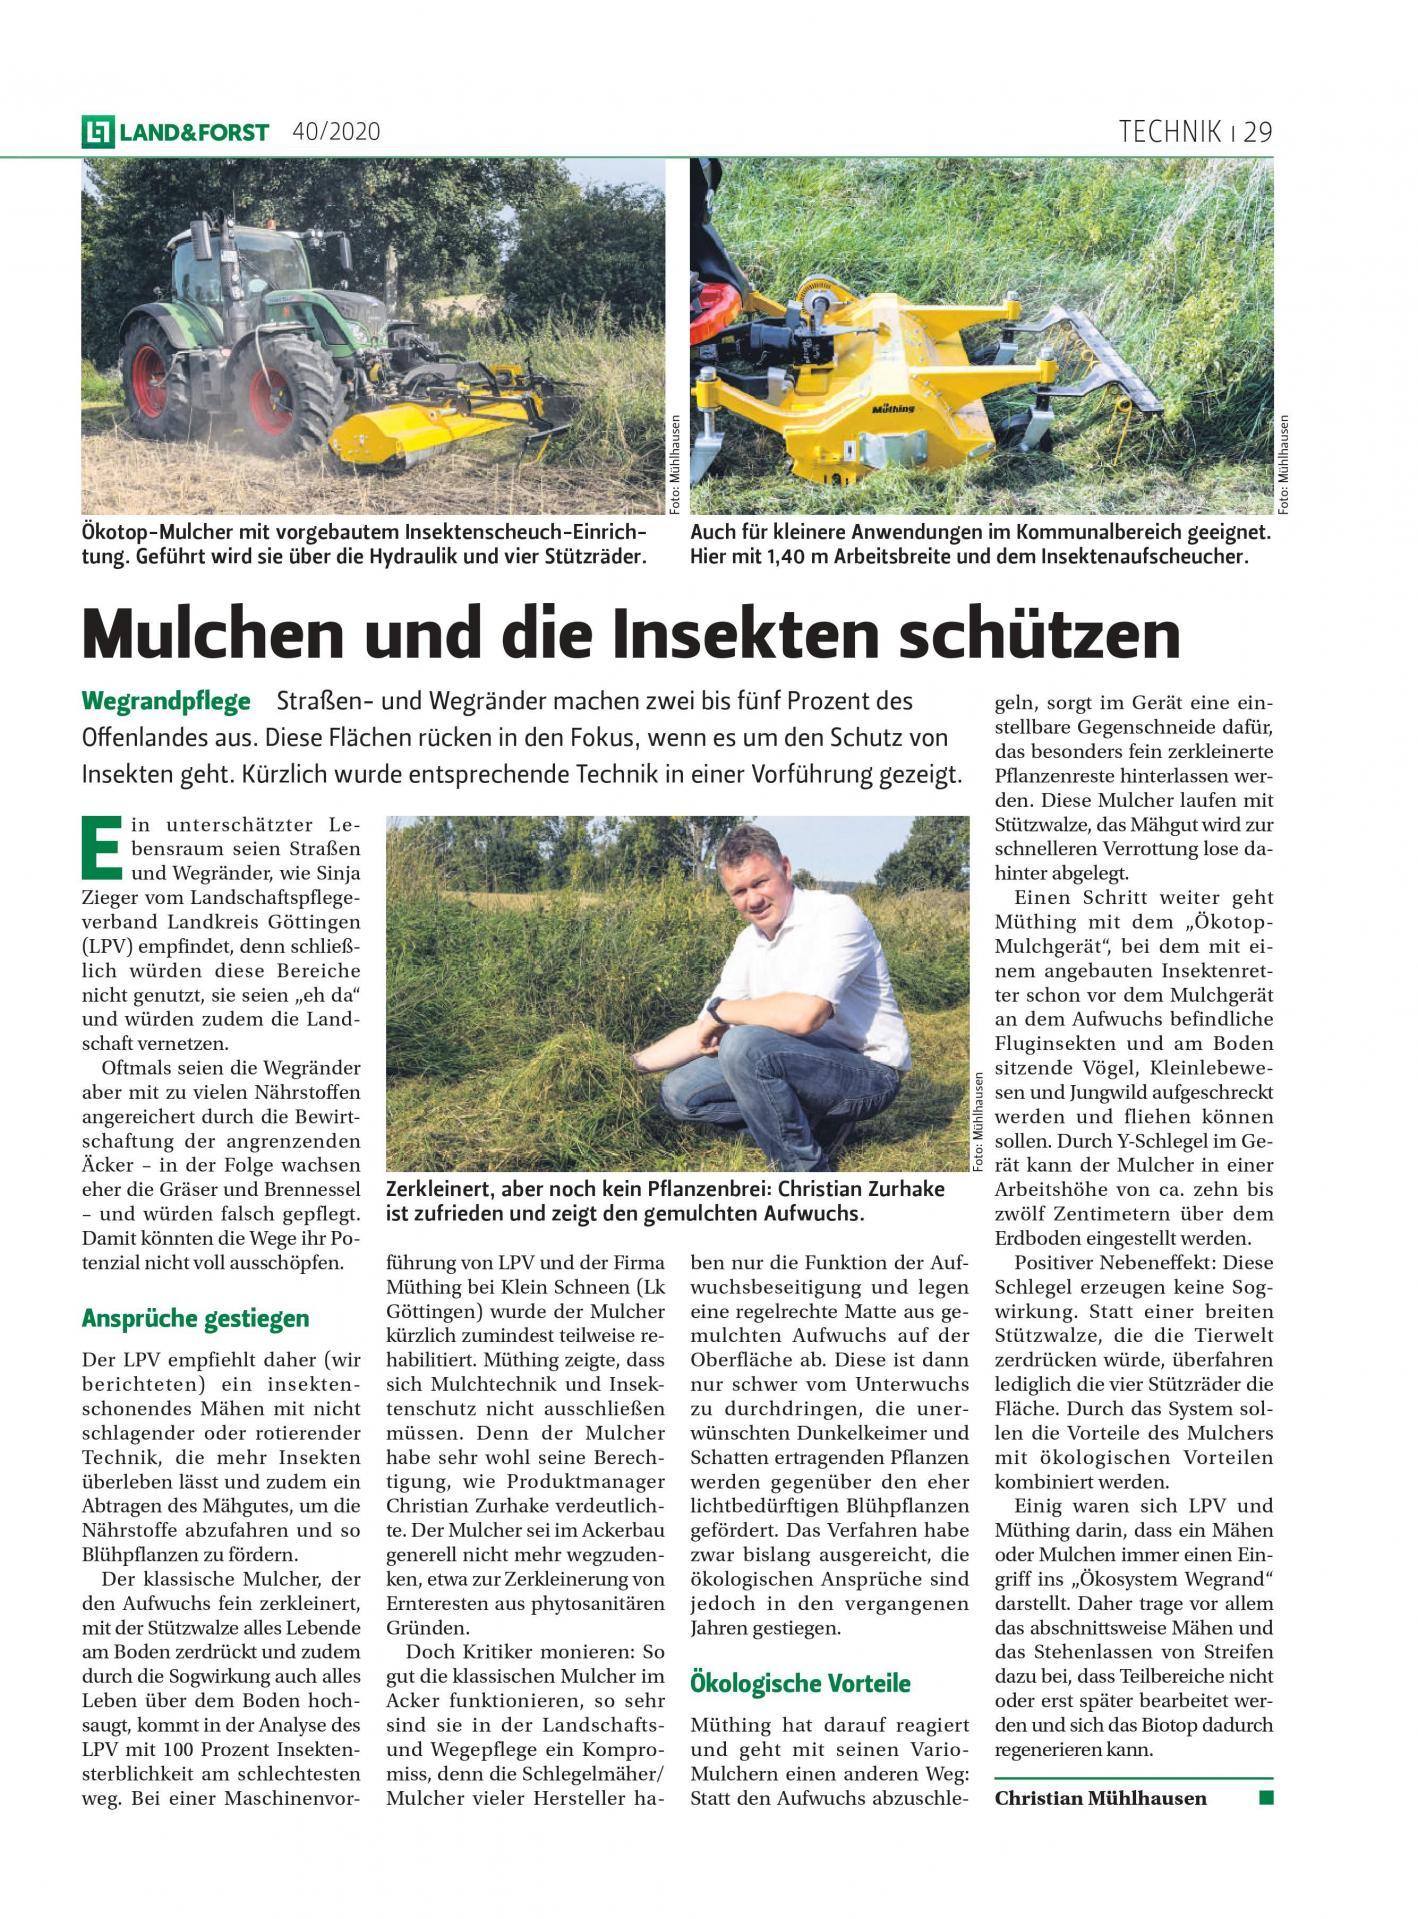 Land & Forst Ausgabe 40/2020